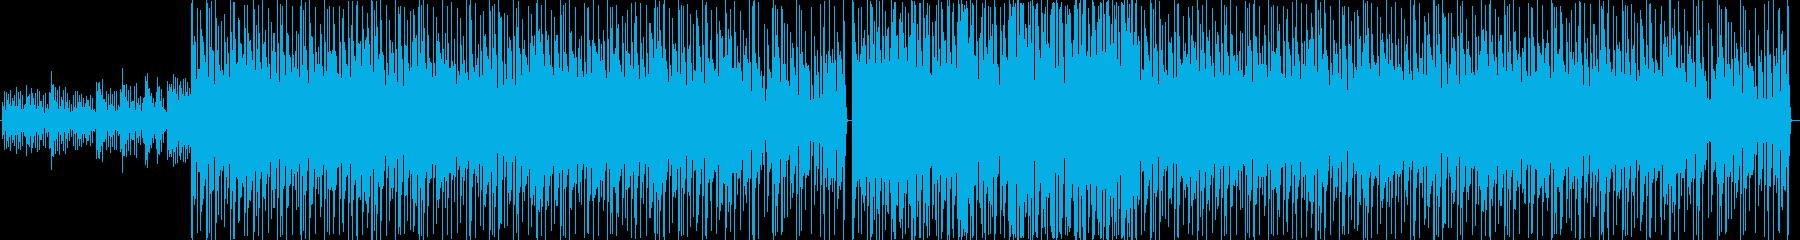 ブルース、反復的、シンプルなメロデ...の再生済みの波形